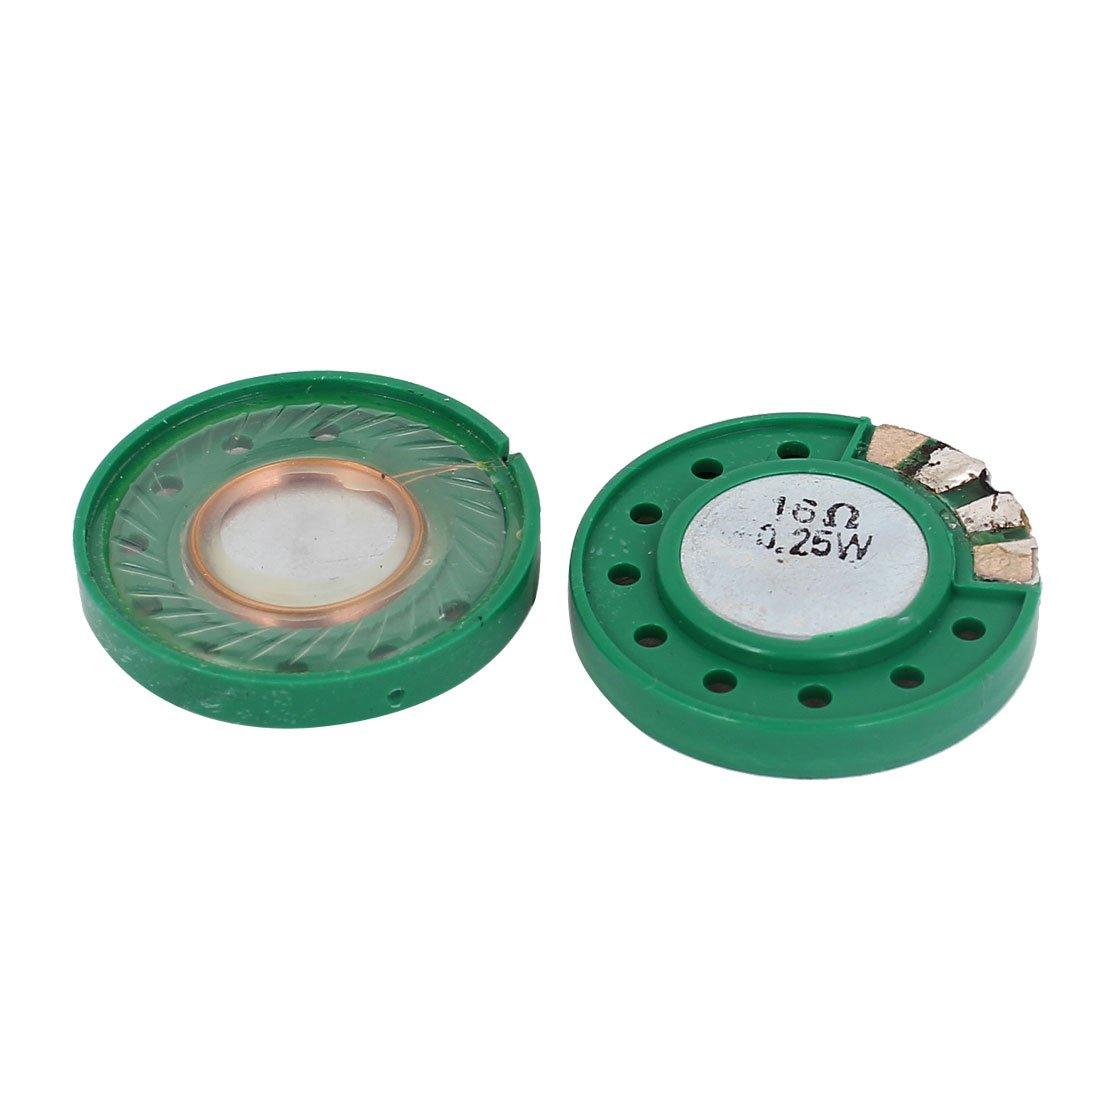 0.25W 16 Ohm 29mm Dia externe Magnet Speaker Klaxon Haut-parleur 2 Pcs sourcing map a15032300ux0099